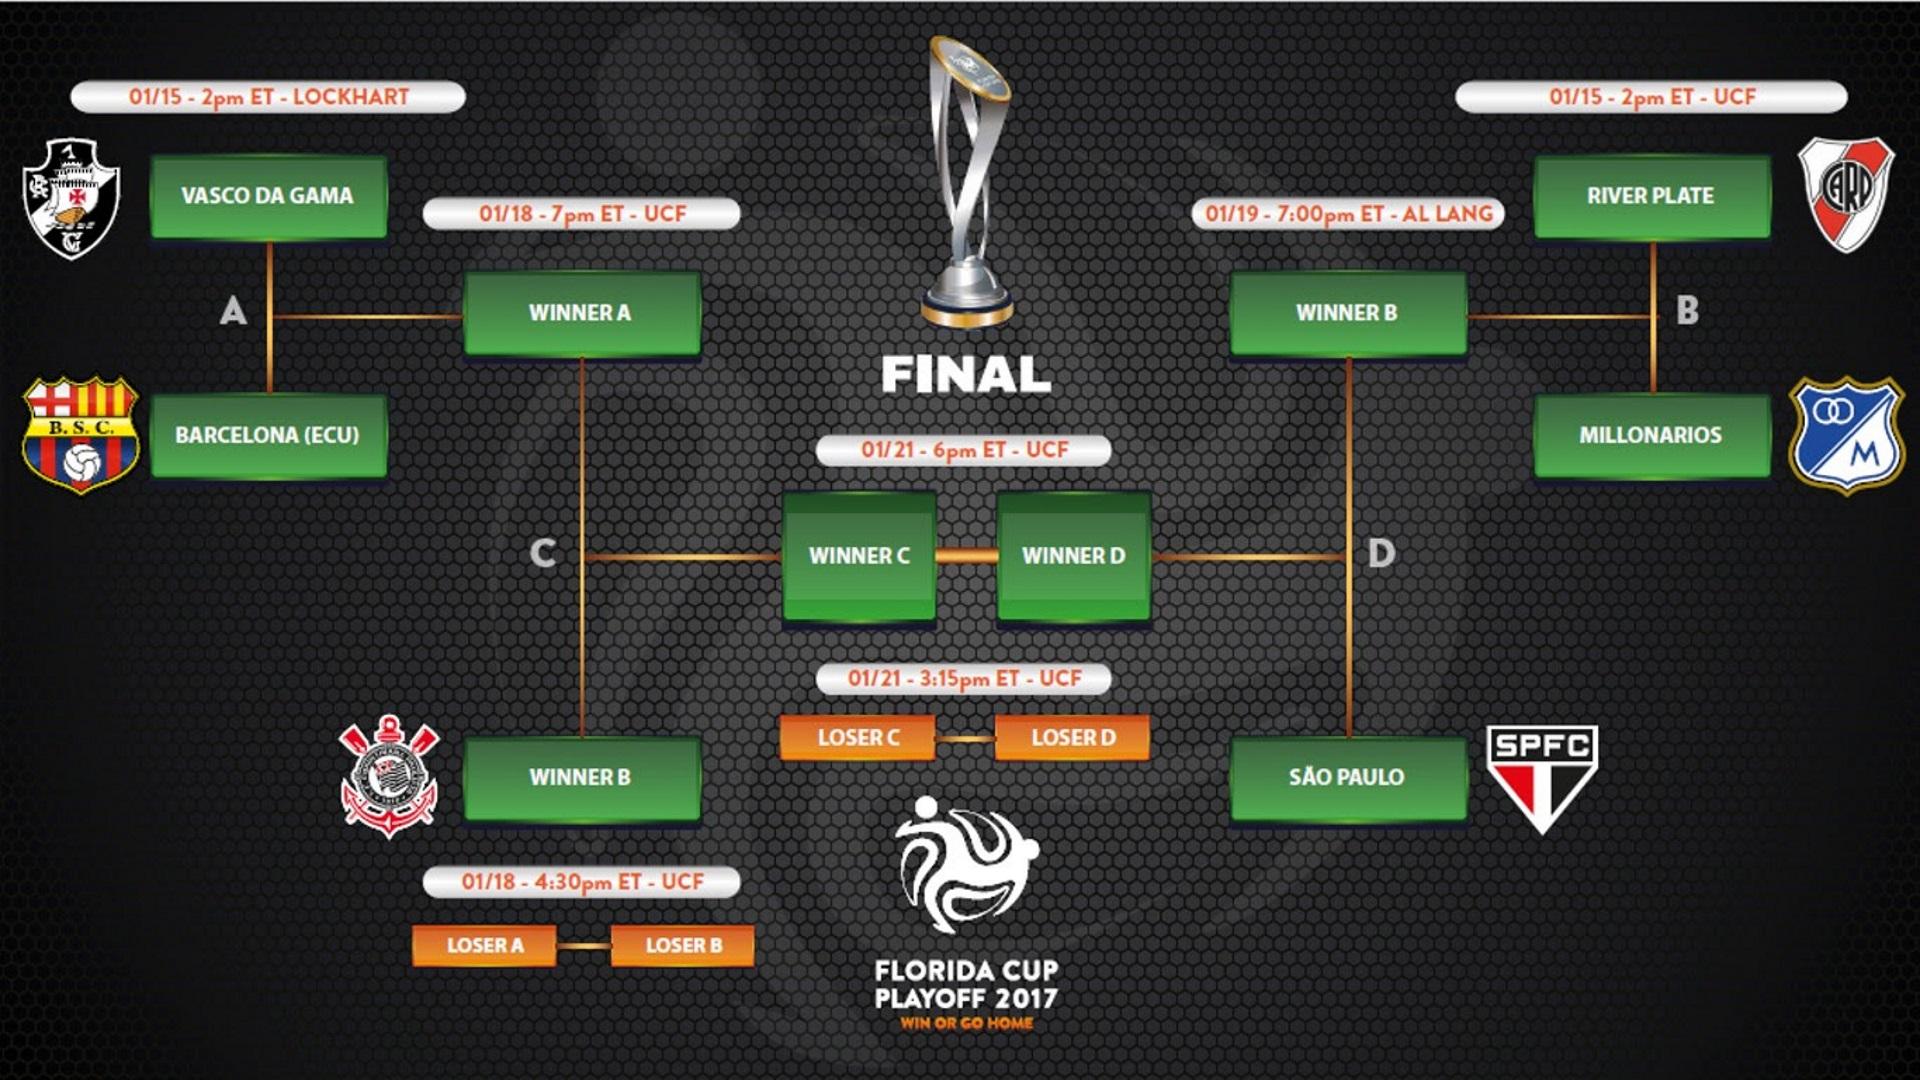 tabela-playoff-florida-cup-15-12-2016_zxnn1iqmgm9c1isew7z3esve8.jpg?t=73327697